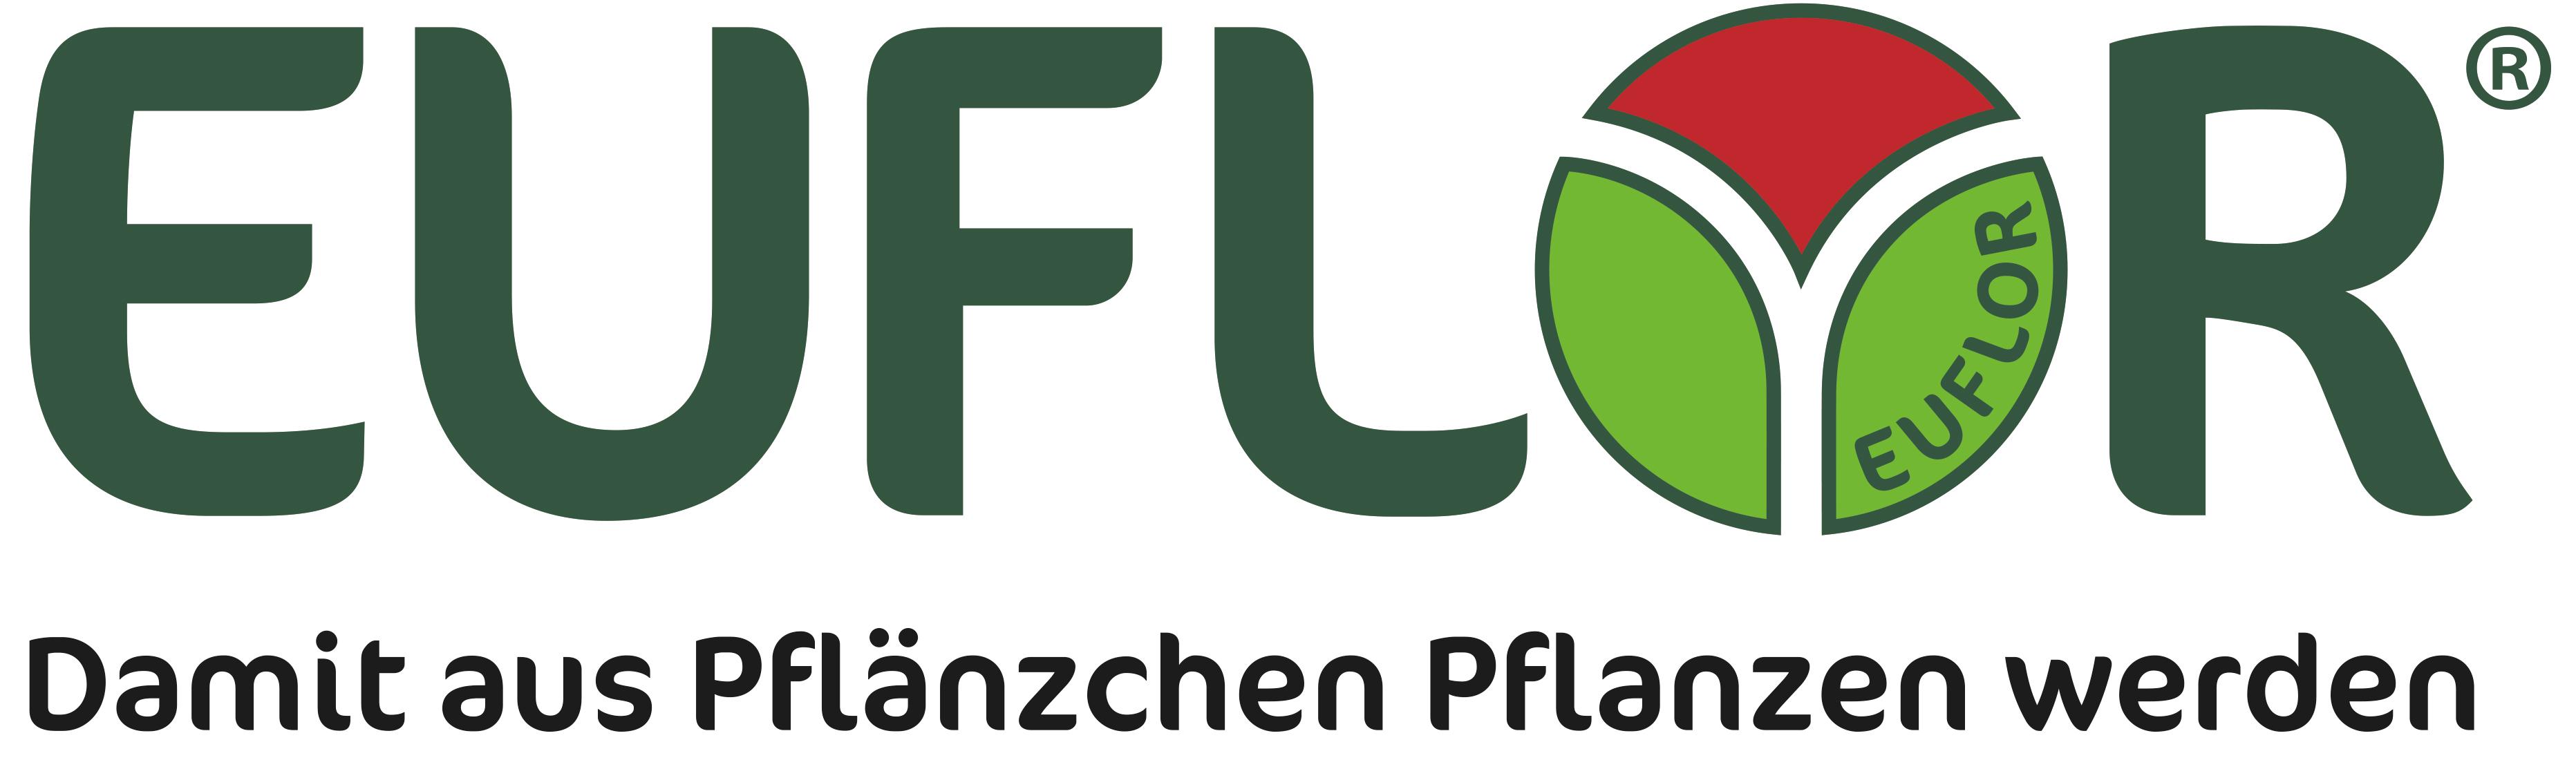 Exhibitor Euflor GmbH für Gartenbedarf